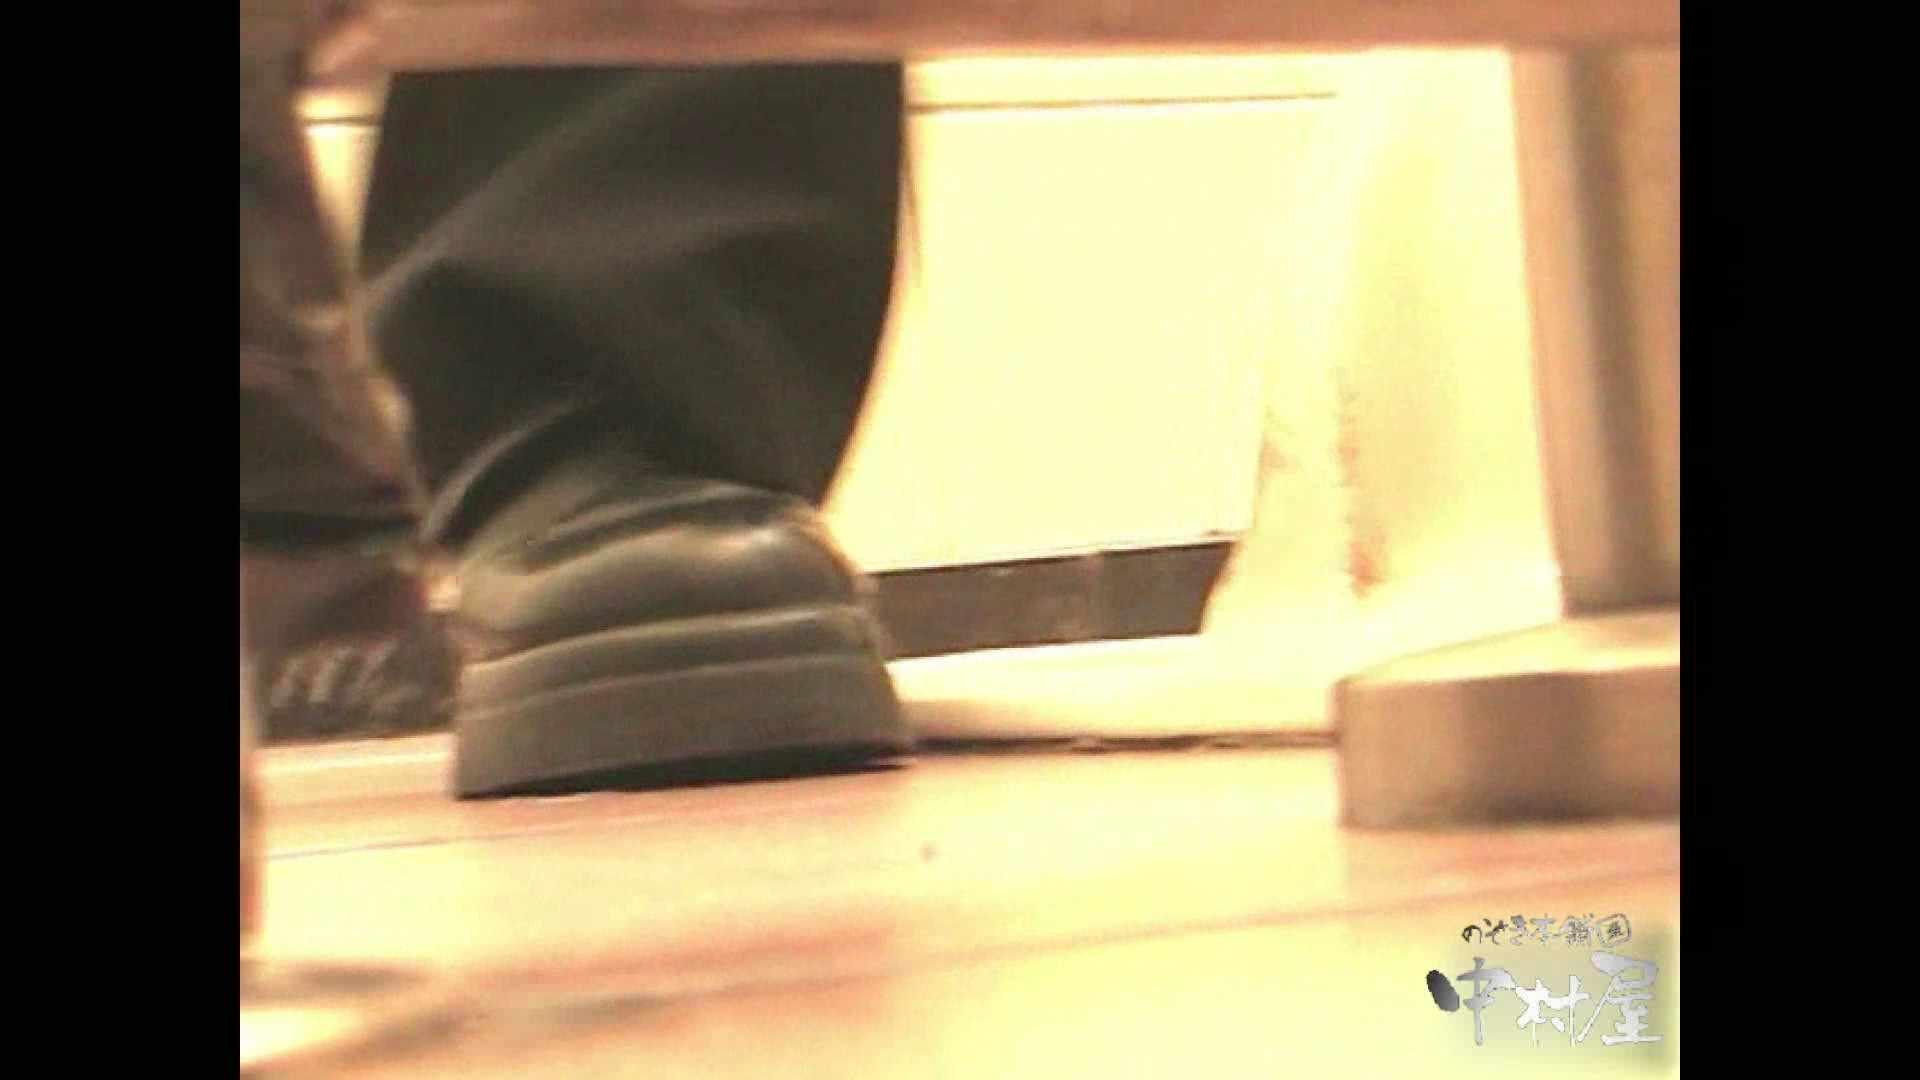 岩手県在住盗撮師盗撮記録vol.02 オマンコ全開です オメコ無修正動画無料 38枚